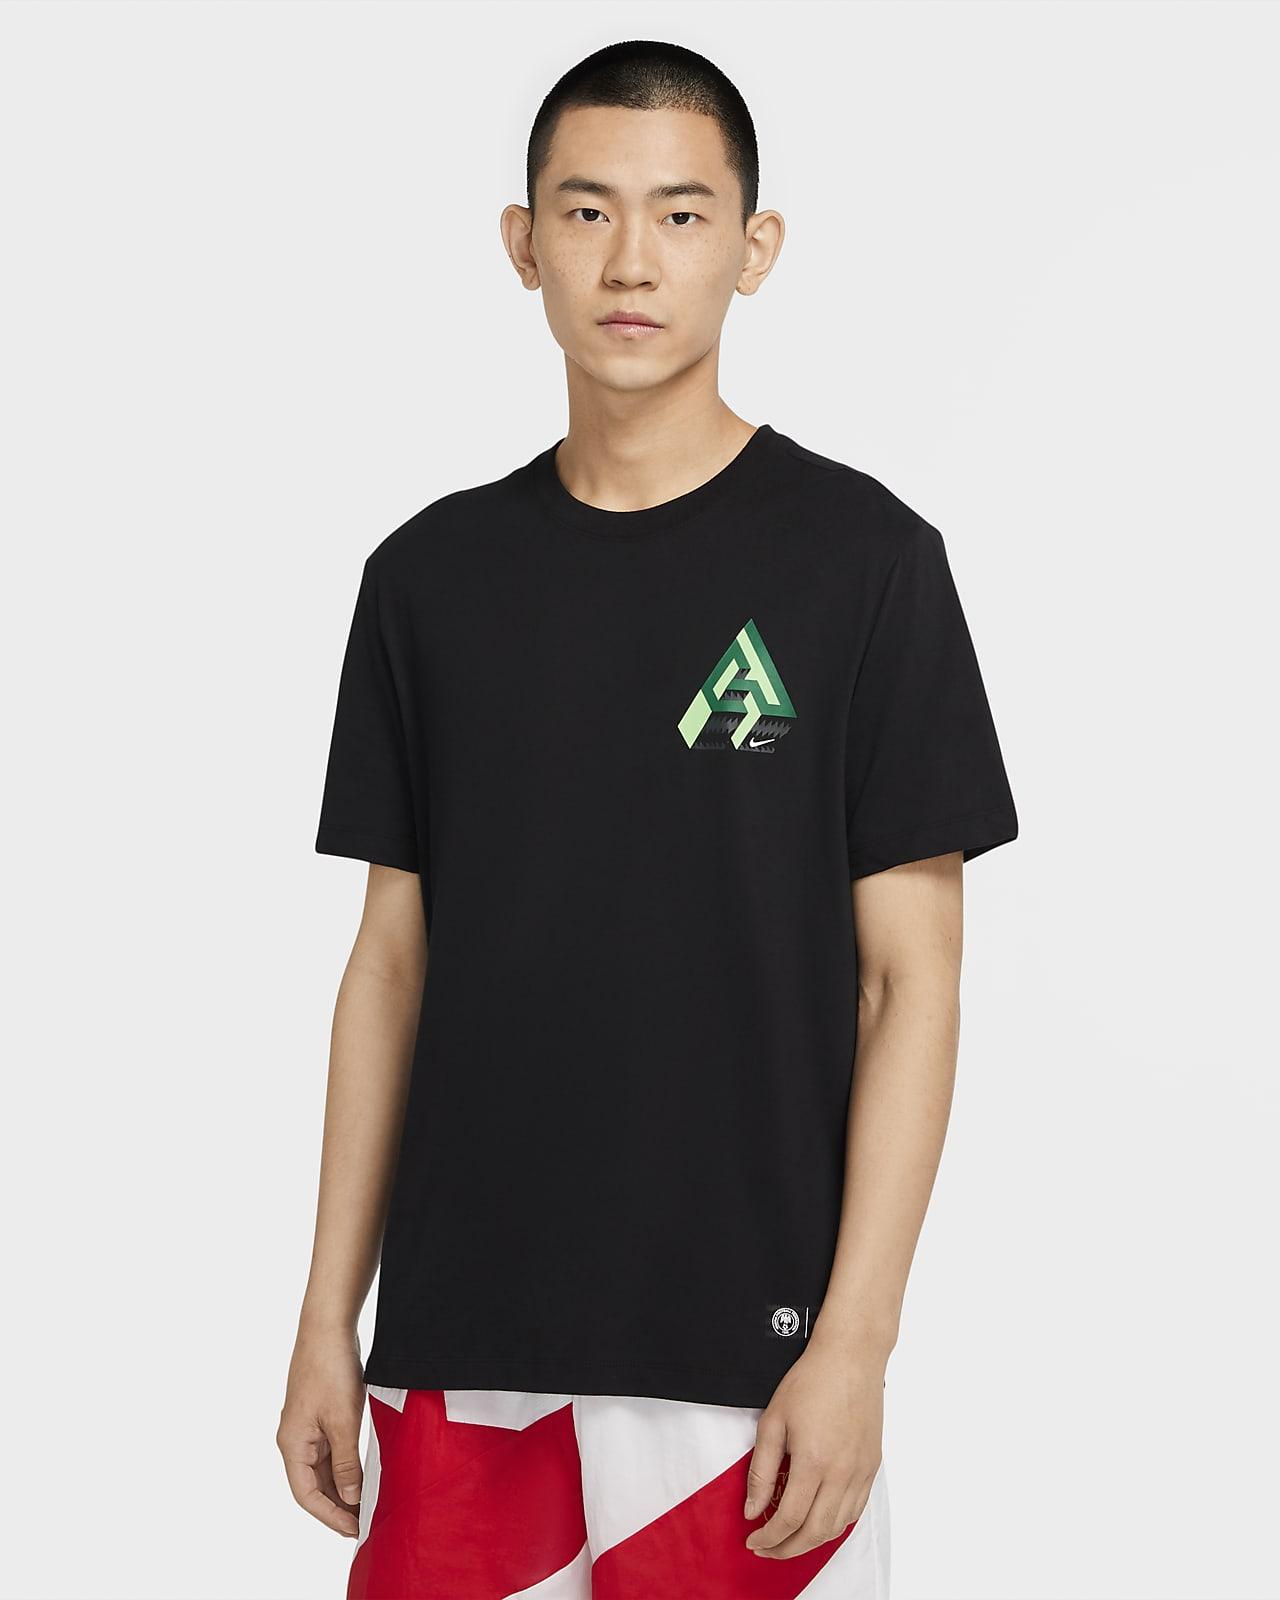 ナイキ Dri-FIT ヤニス ロゴ メンズ バスケットボール Tシャツ